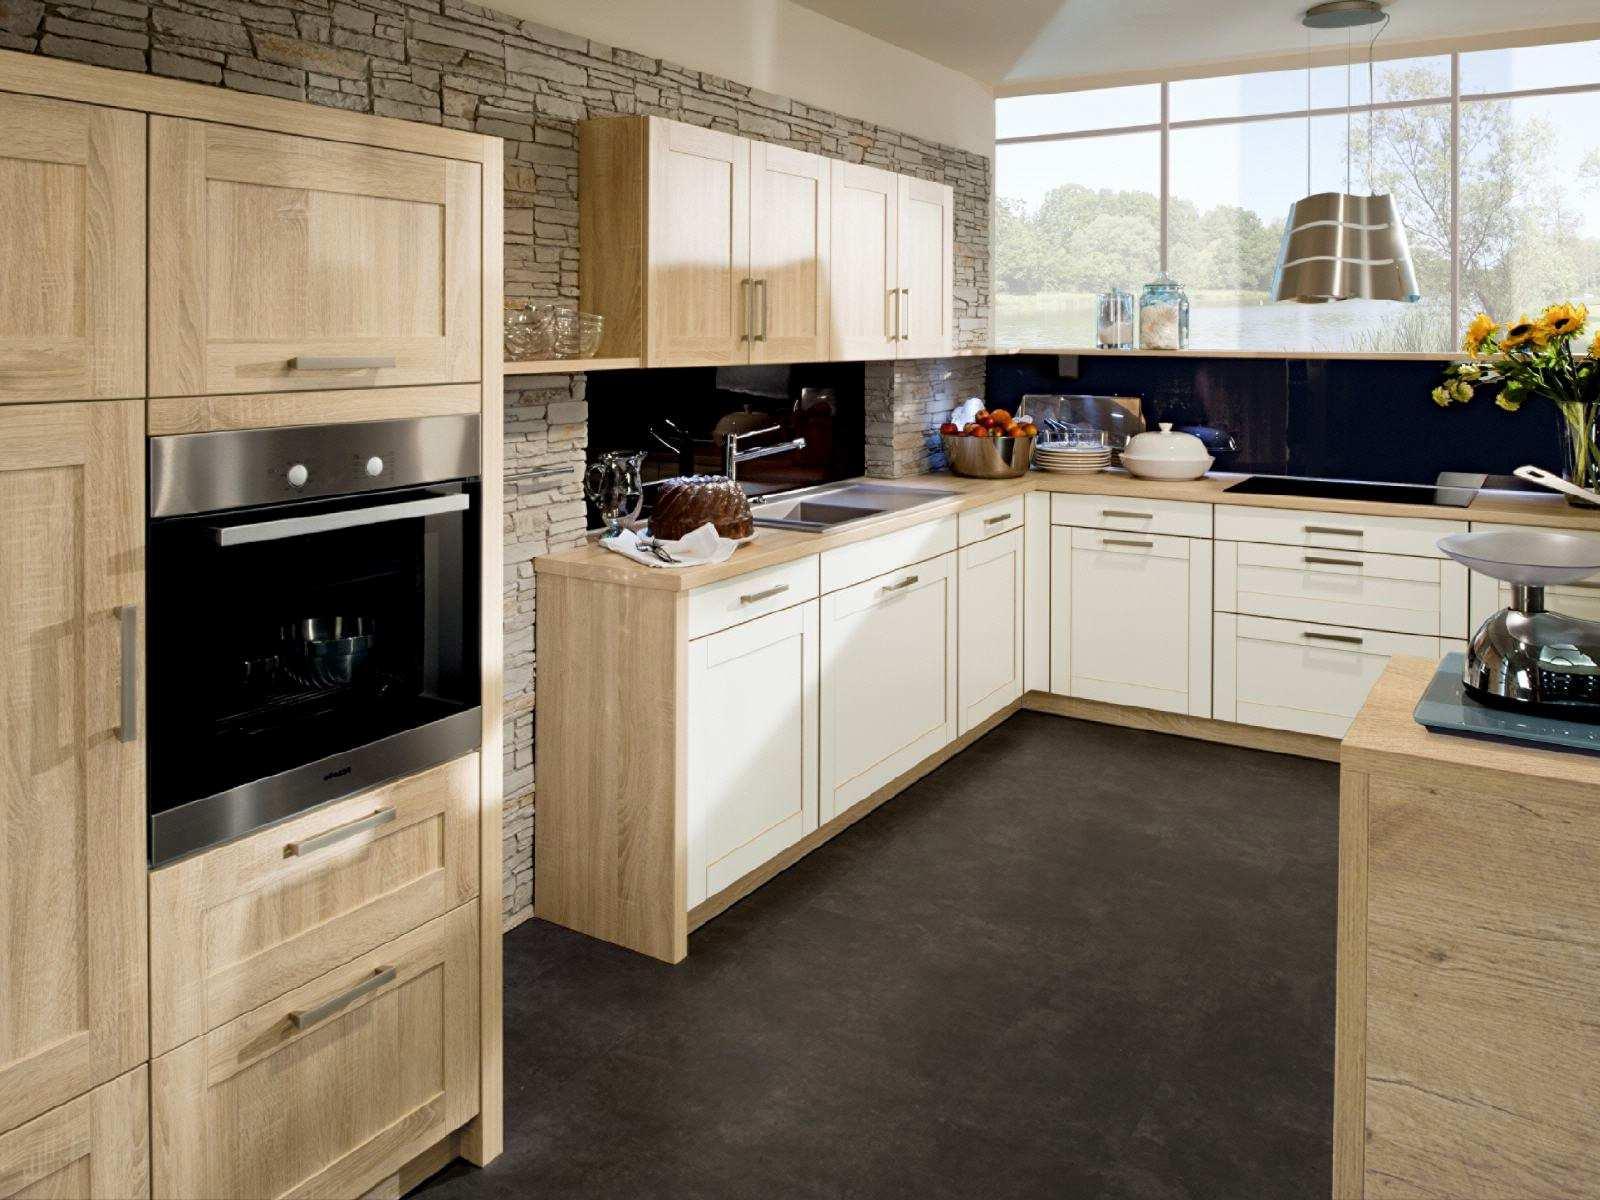 Full Size of Gebrauchte Küchenzeile Luxus Neu Gastronomie Küche Gebraucht Küche Gebrauchte Einbauküche